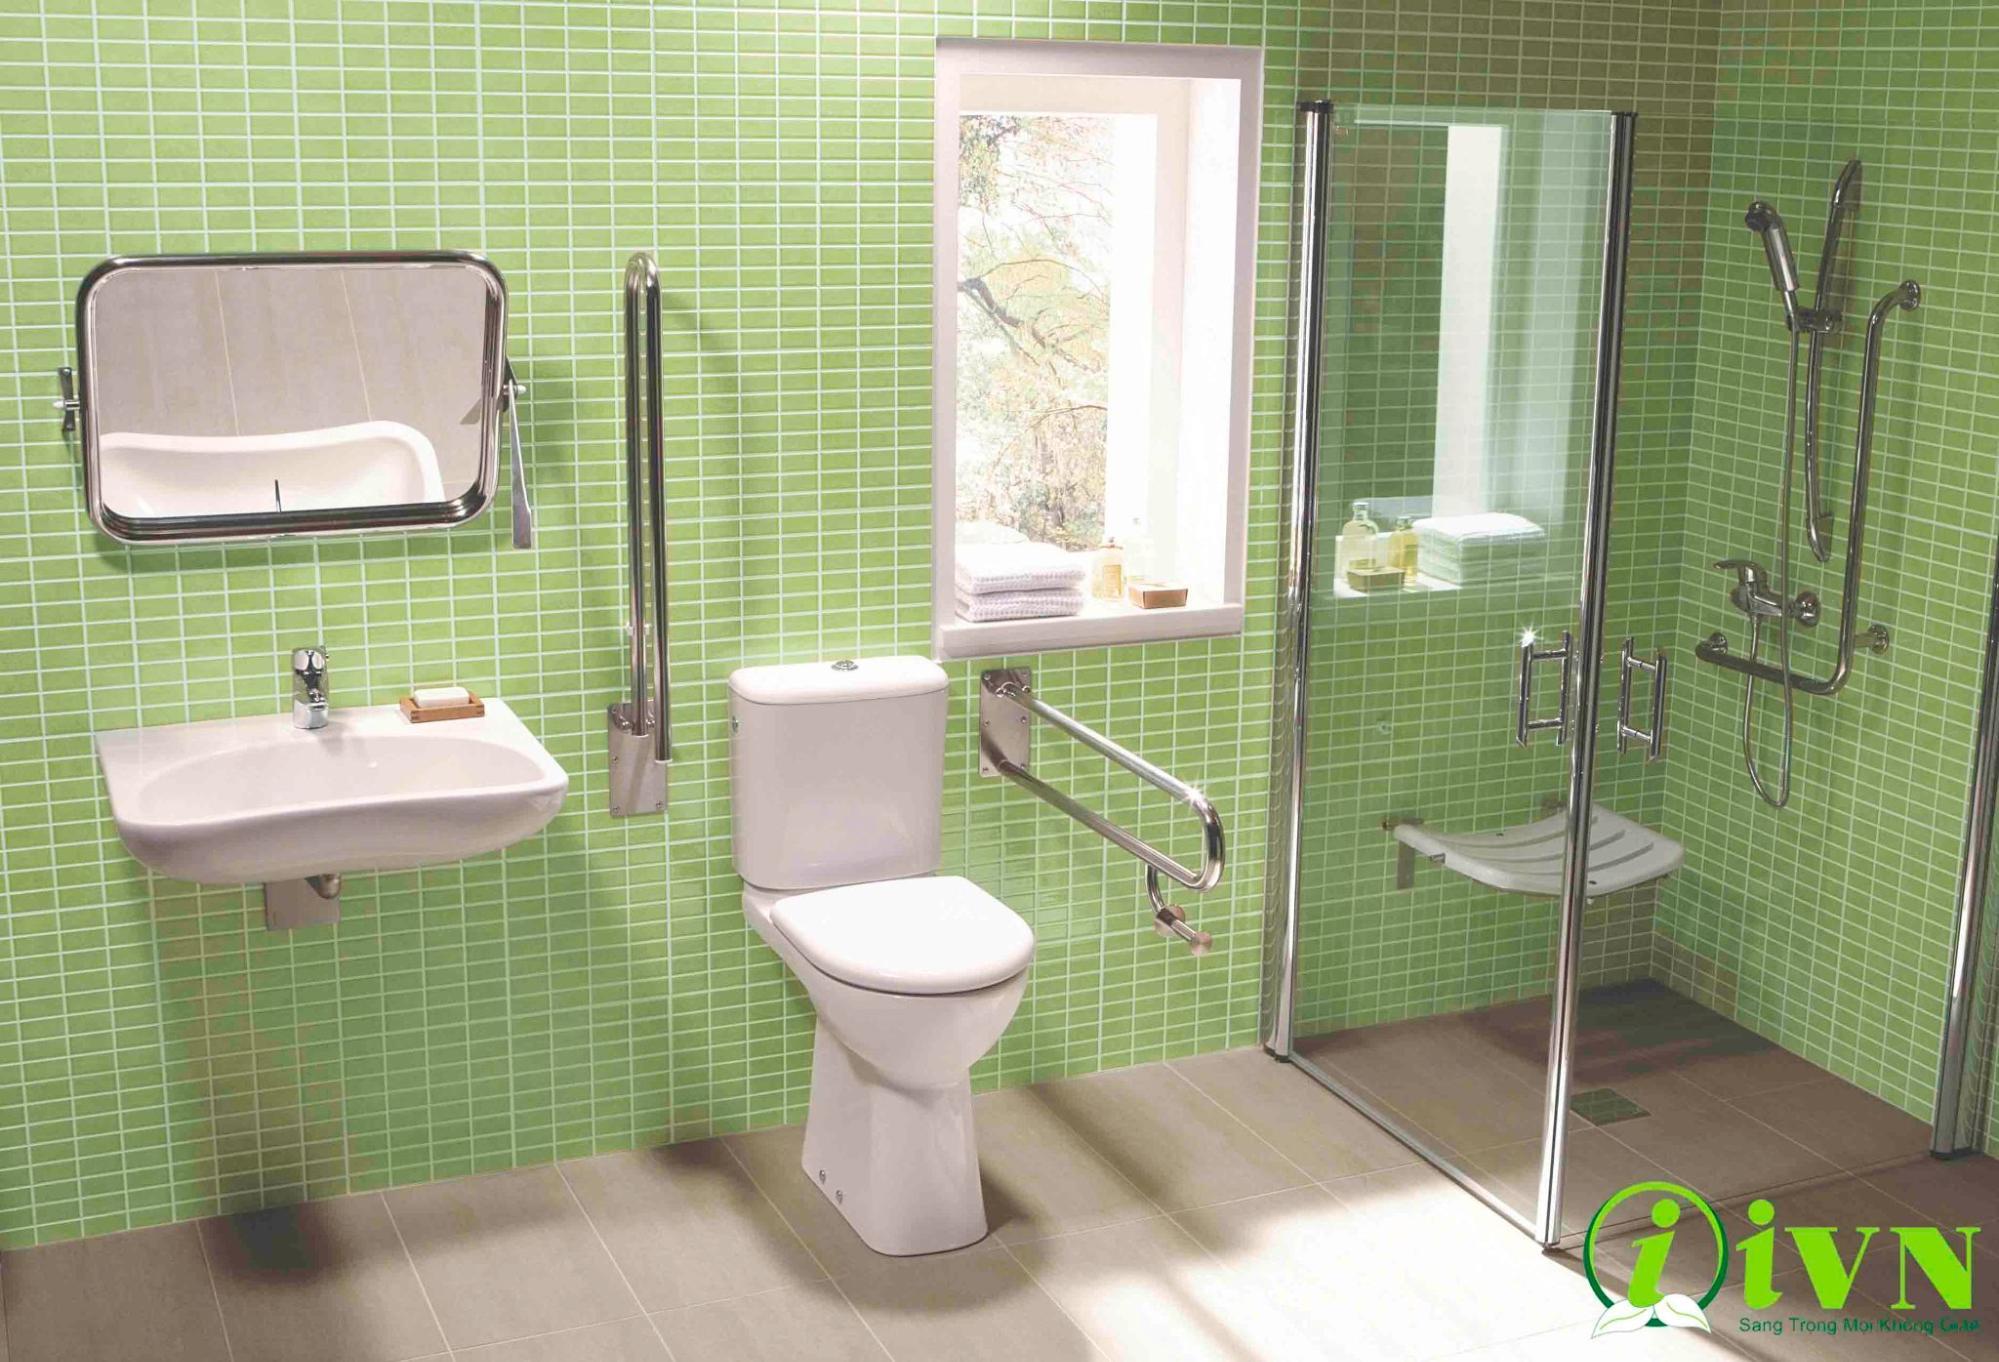 tay vịn nhà vệ sinh cho người khuyết tật (8)